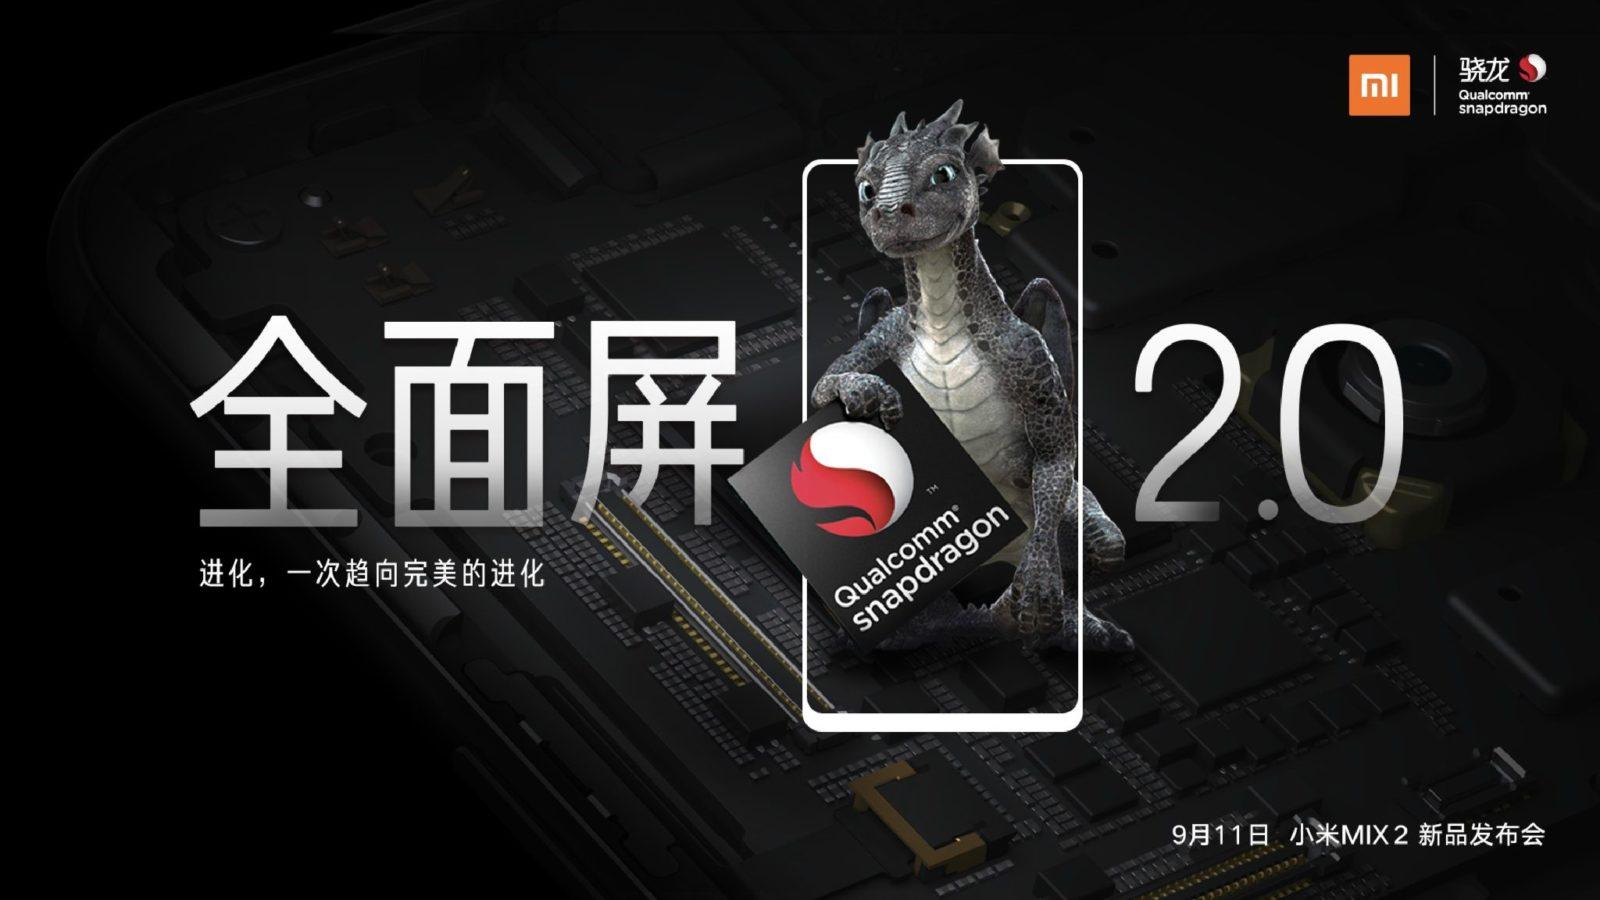 Google Pixel 2 : le Snapdragon 836 annoncé est remis en question